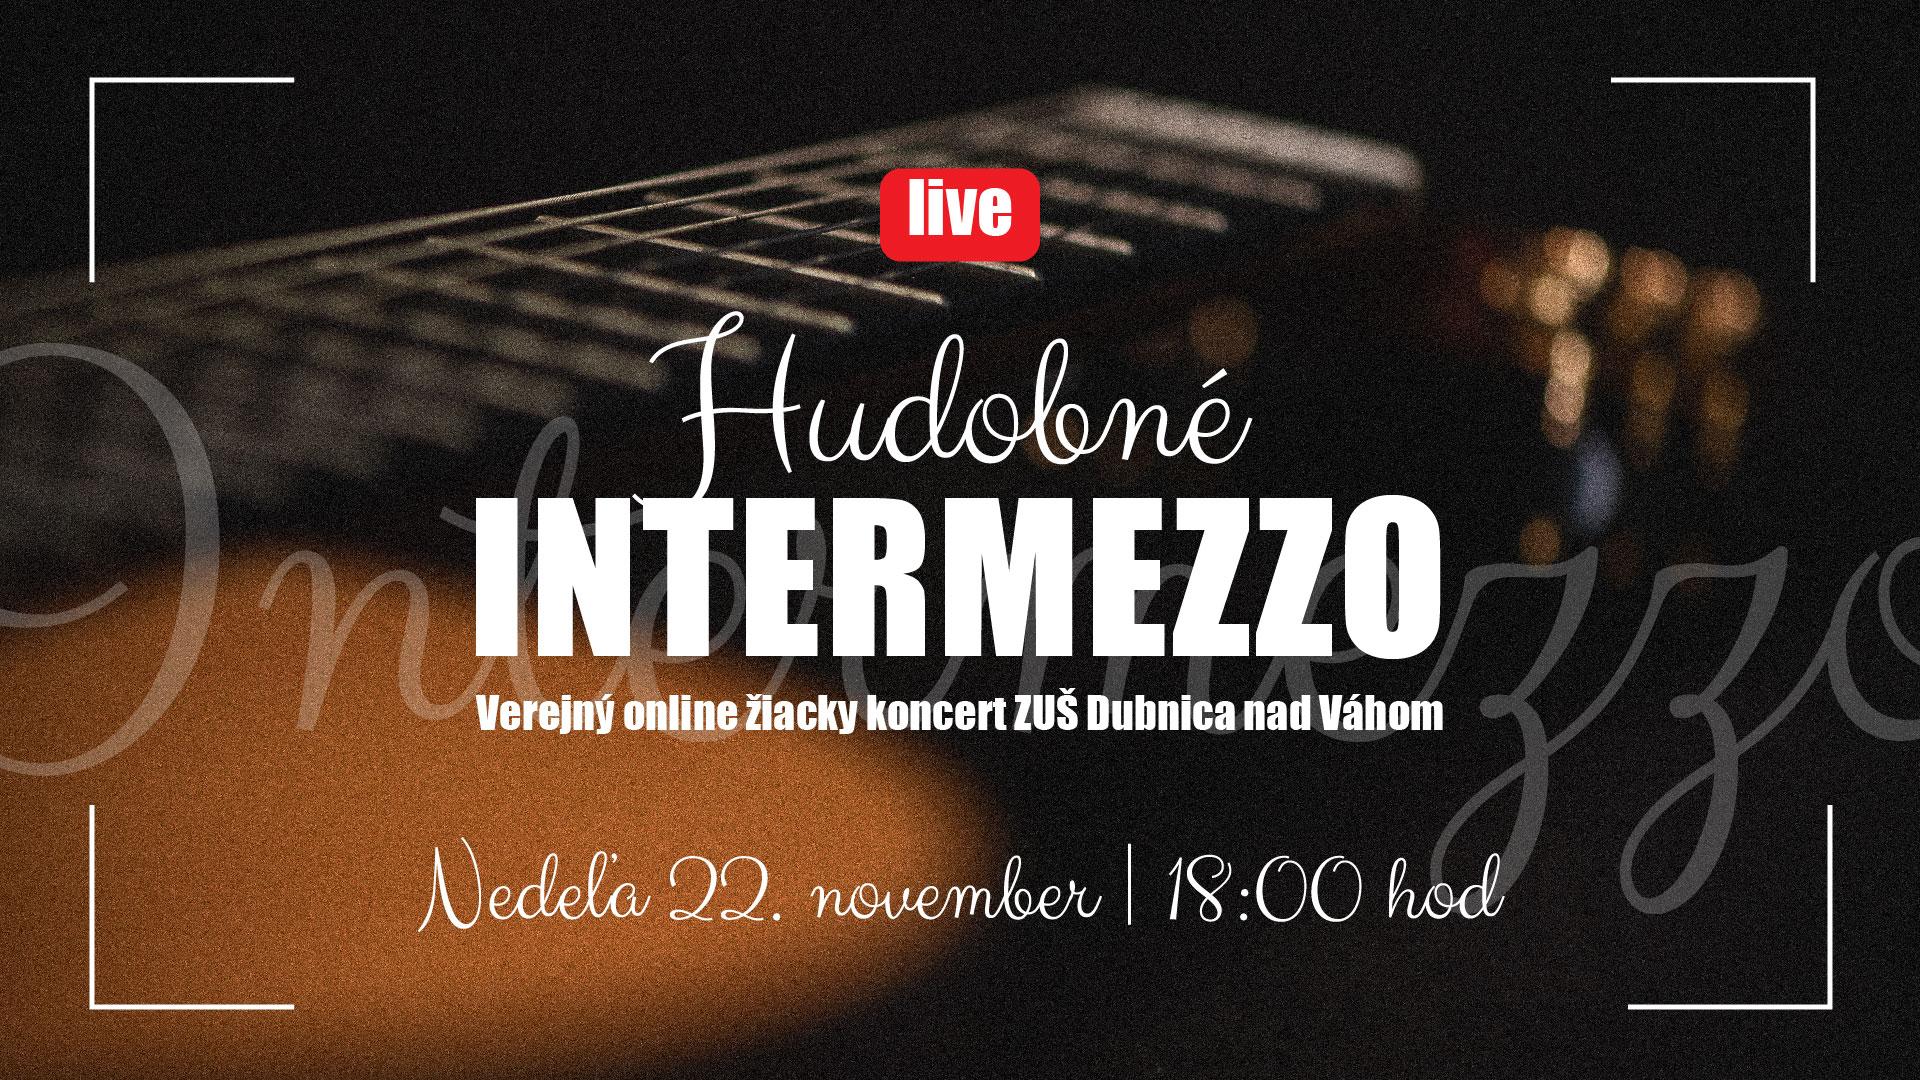 Hudobné Intermezzo, verejný žiacky koncert ZUŠ DUbnica nad Váhom ONLINE.